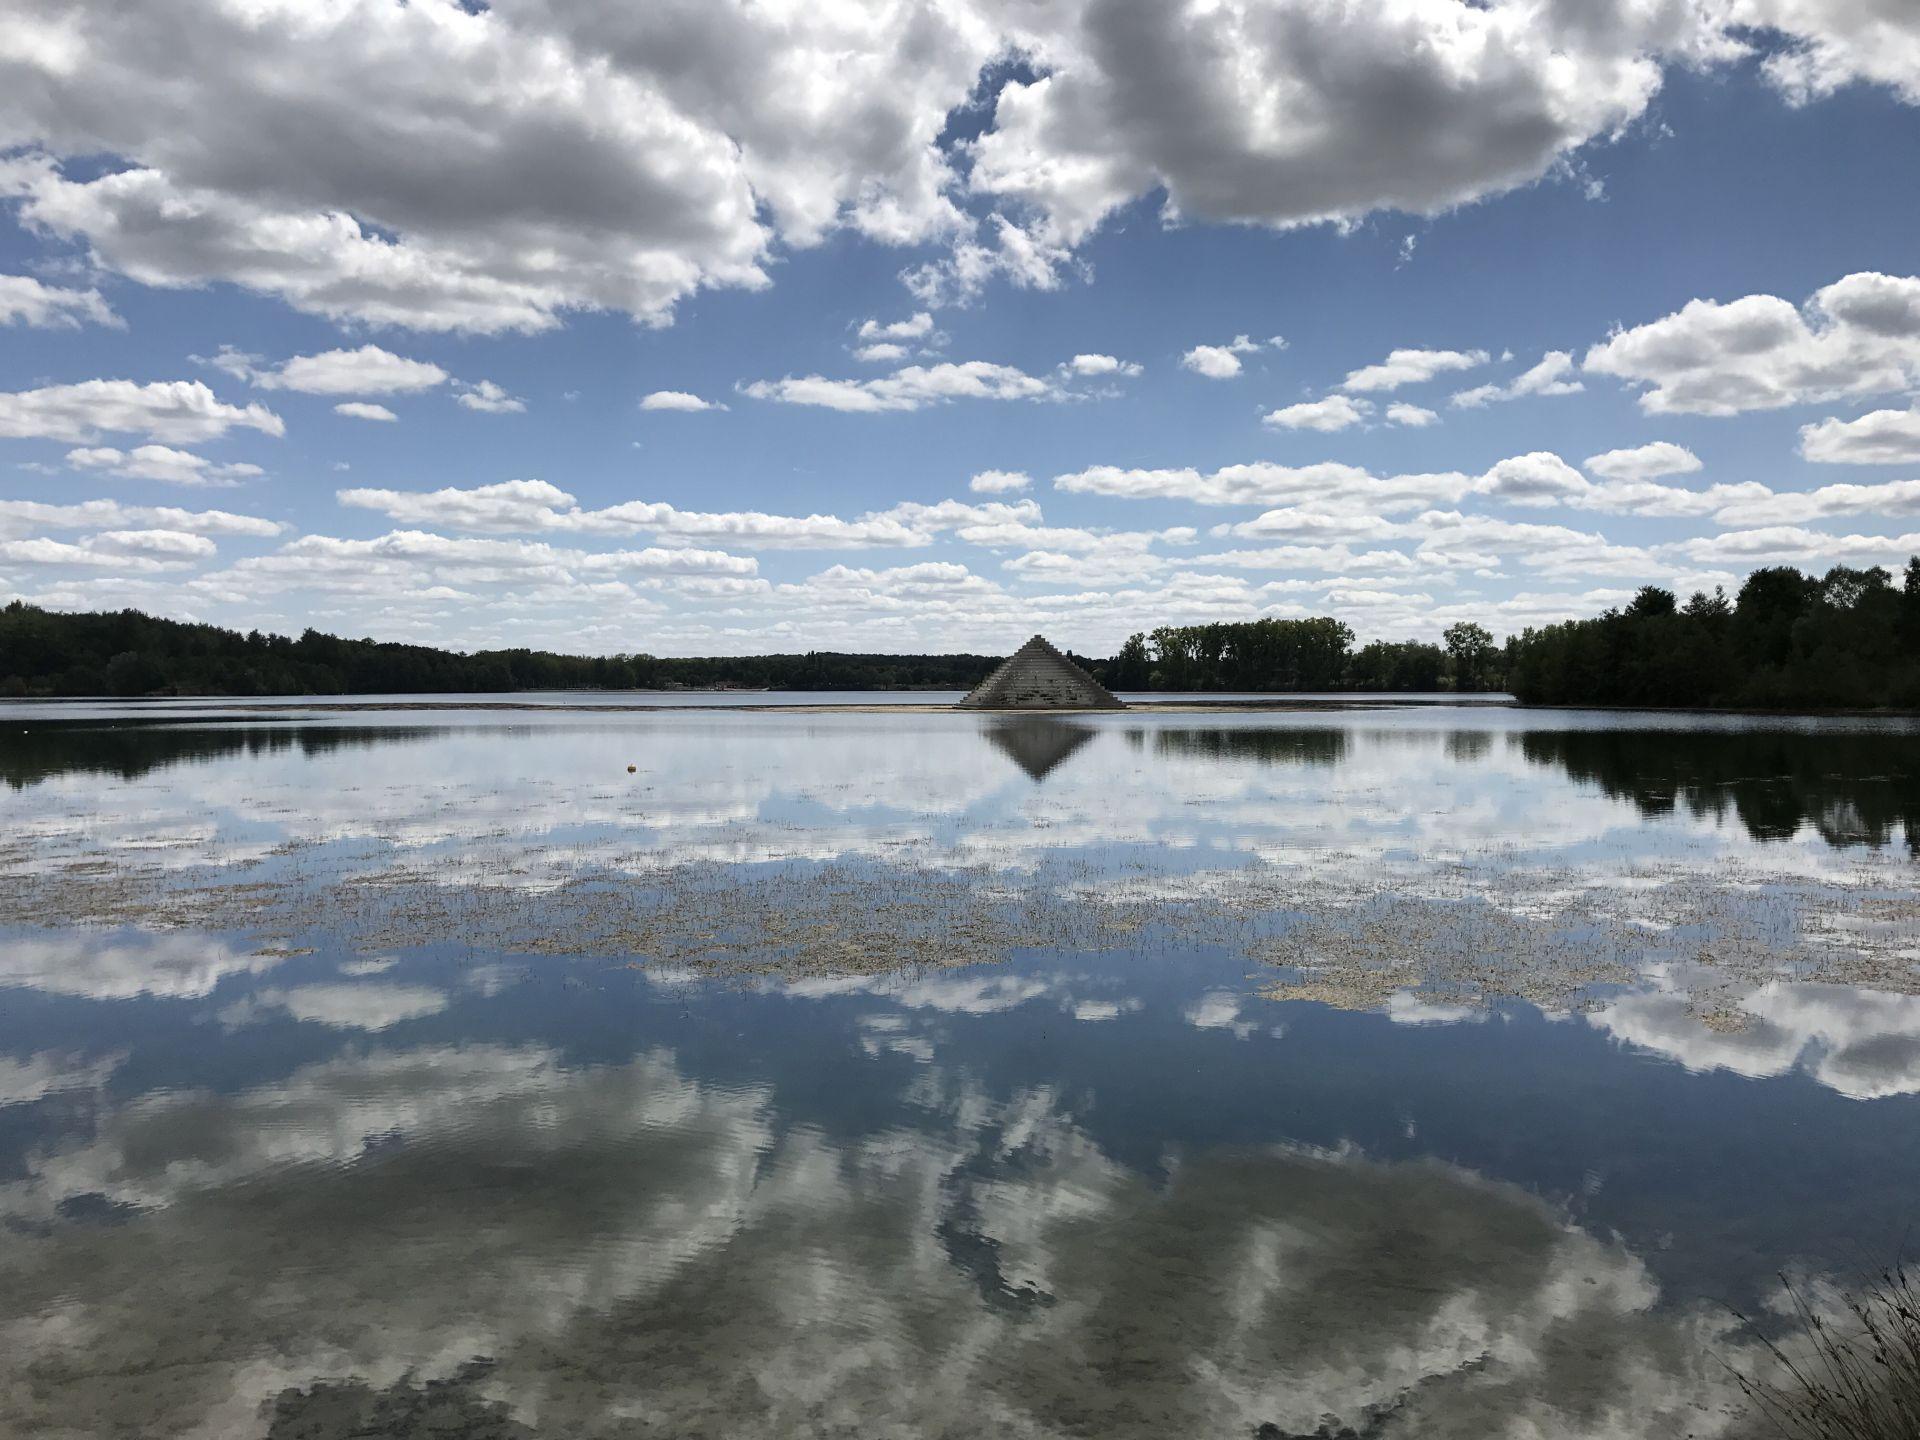 Randonnée sur les bords de l'Oise / Base de Loisirs de Cergy-Neuville